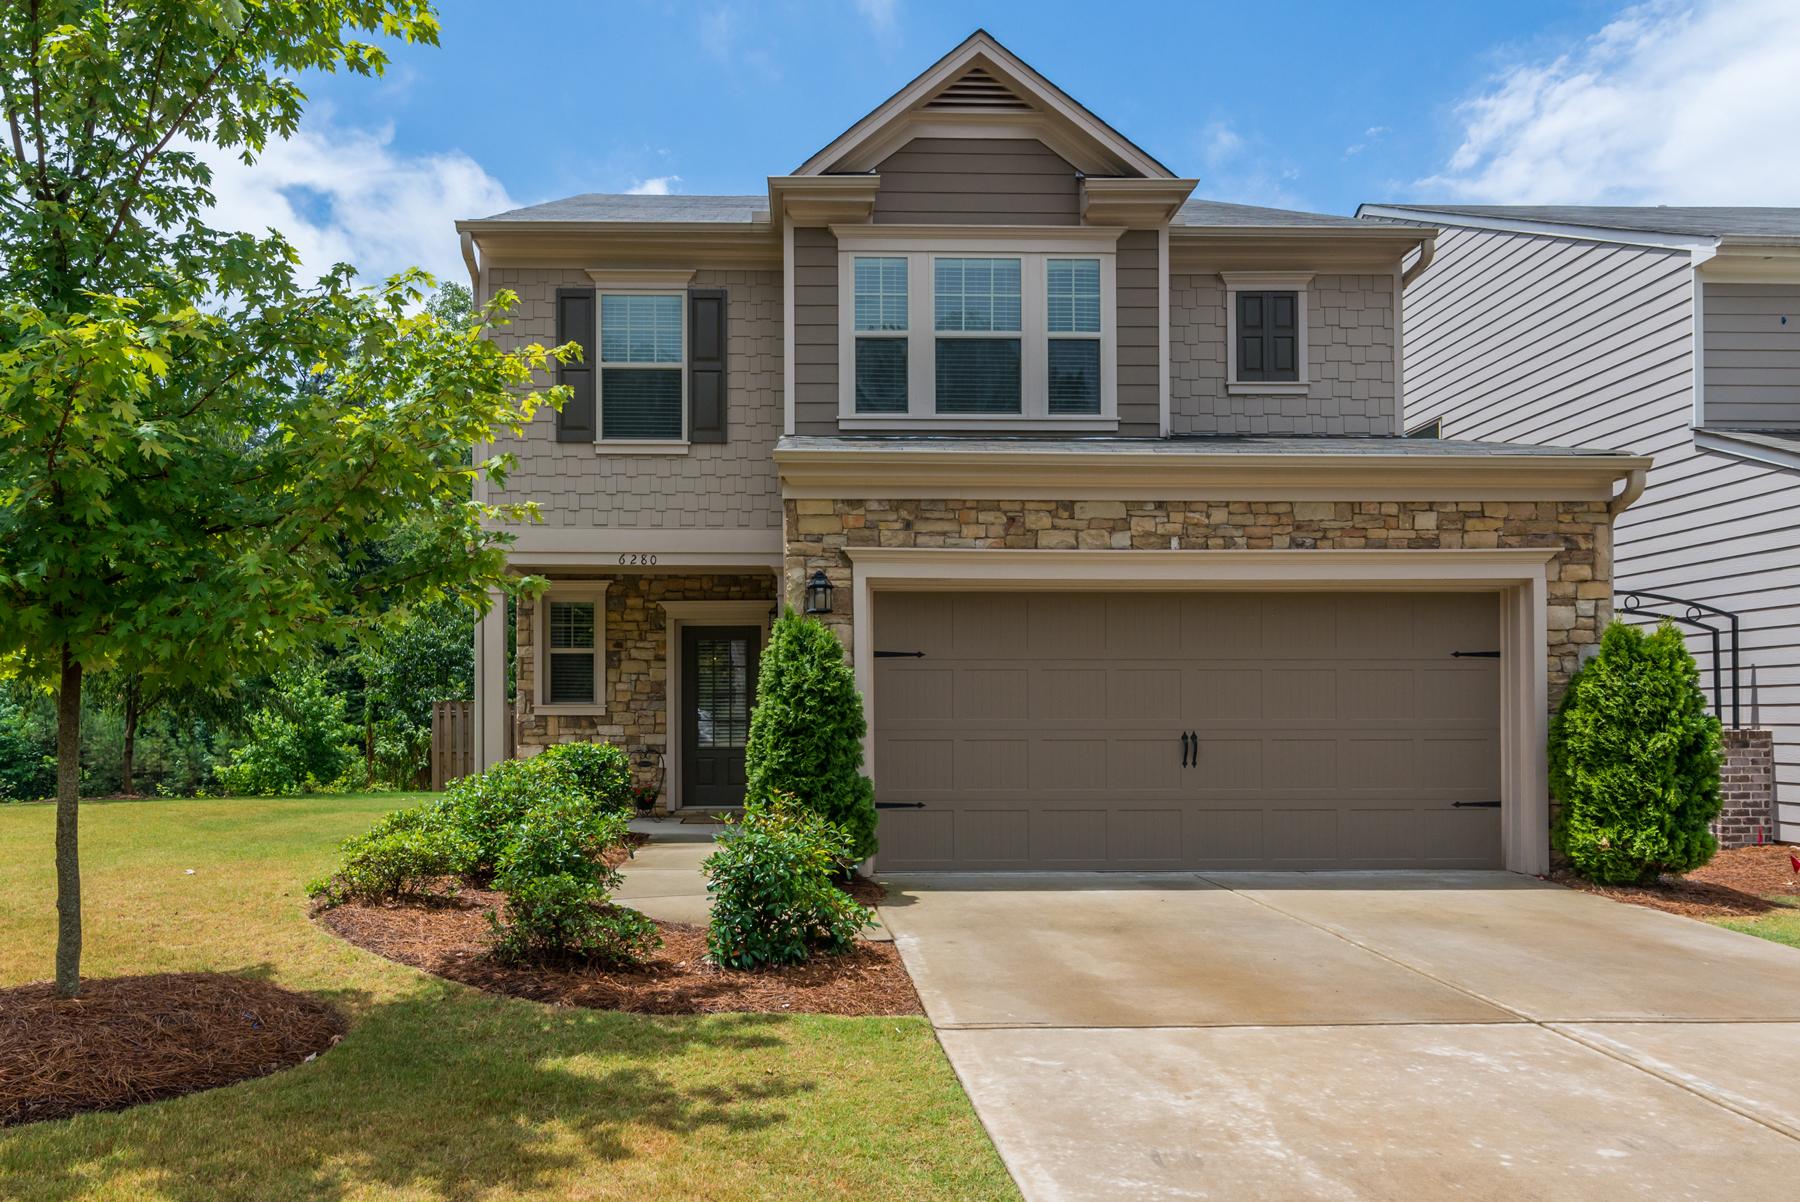 Villa per Vendita alle ore Alpharetta Address With Low Forsyth Taxes! 6280 Crested Moss Drive Alpharetta, Georgia, 30004 Stati Uniti